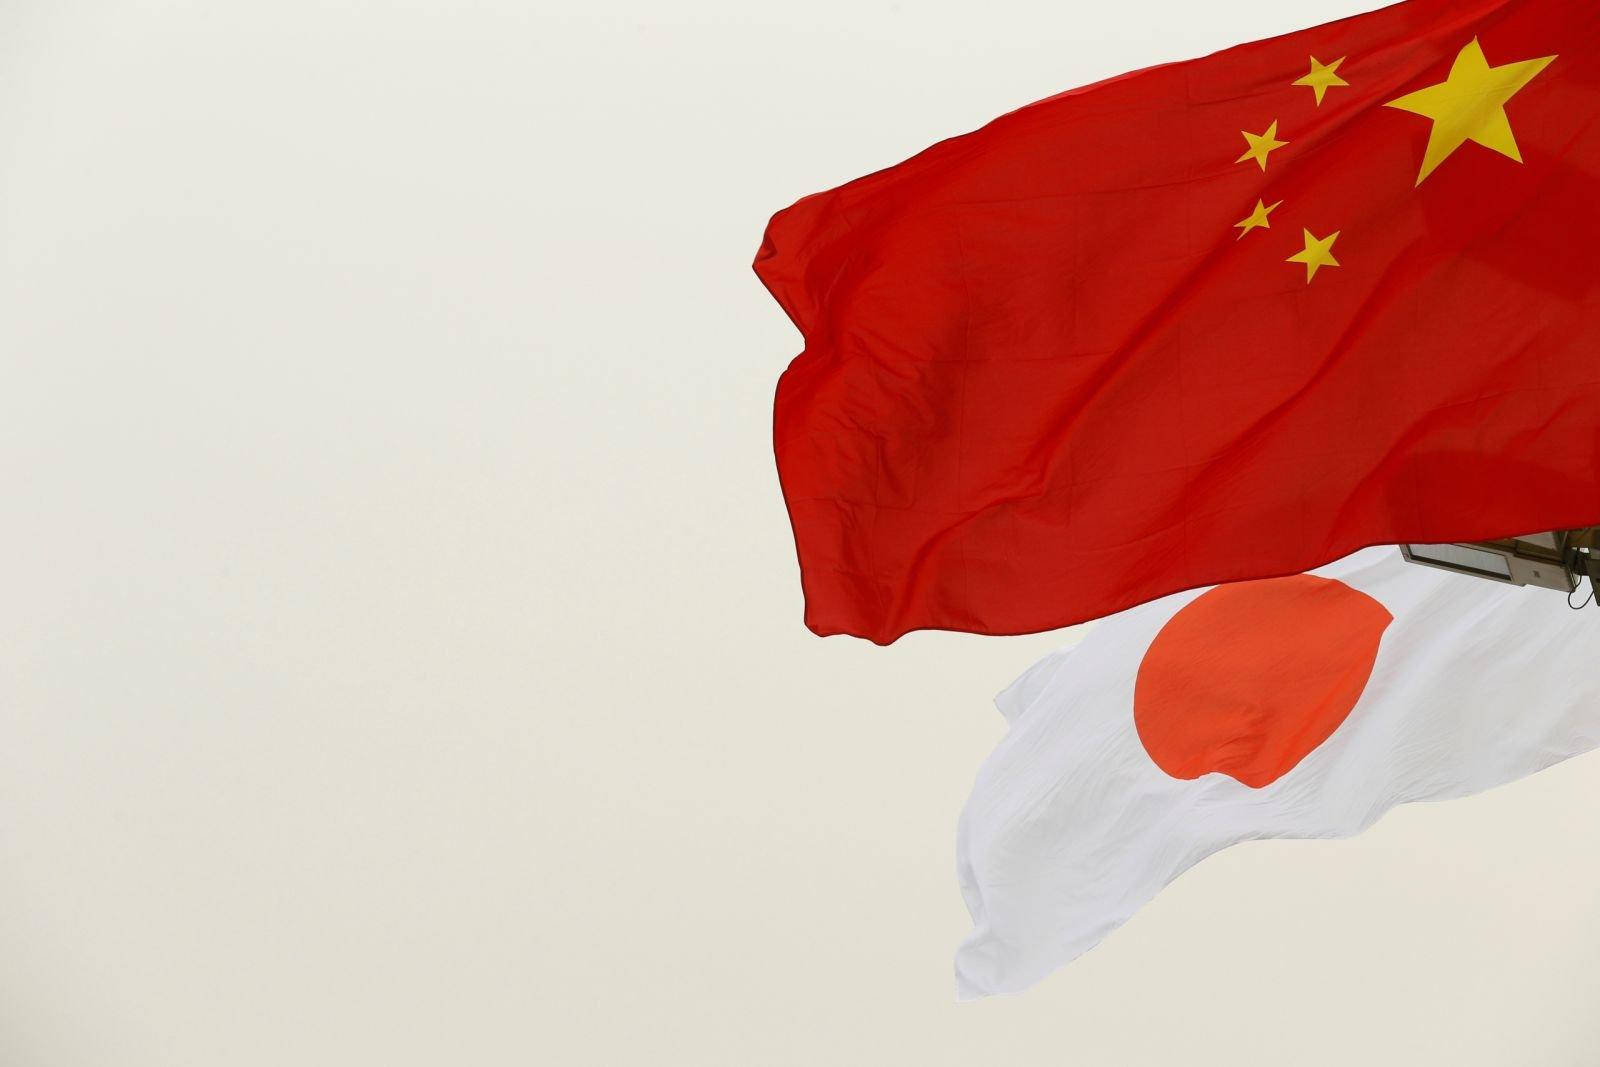 Tanpa sadar telah kecolongan duluan, Jepang pun langsung mengambil inisiatif serangan kepada China. (foto: Reuters)